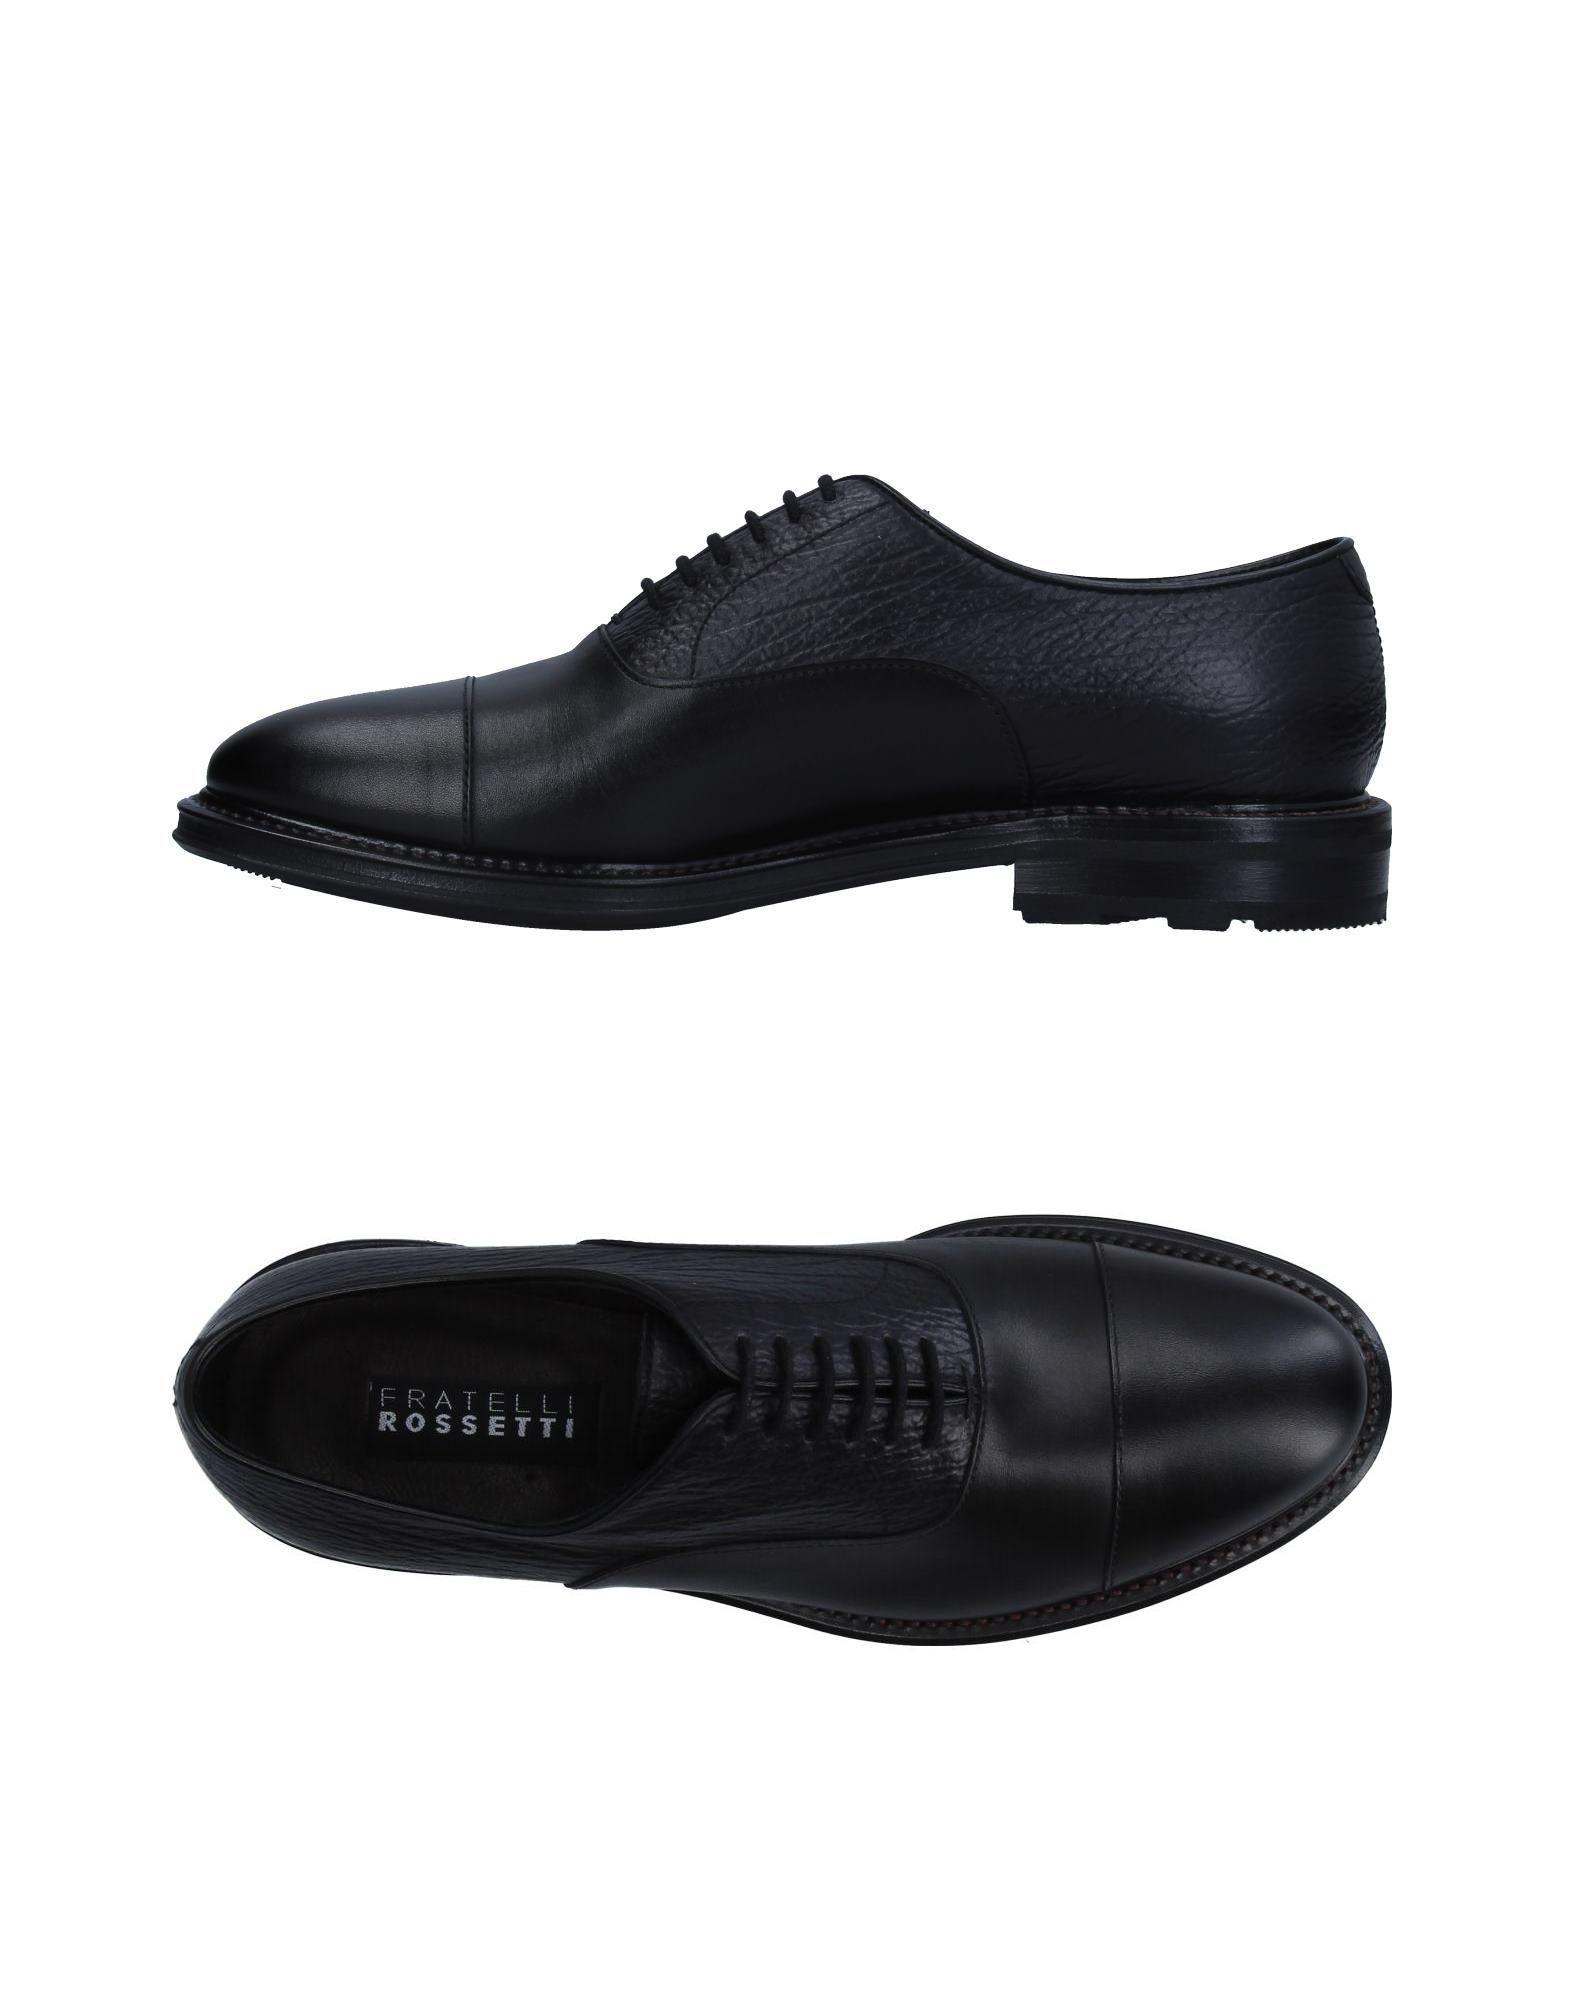 Fratelli Rossetti Schnürschuhe Herren  11333316MB Gute Qualität beliebte Schuhe